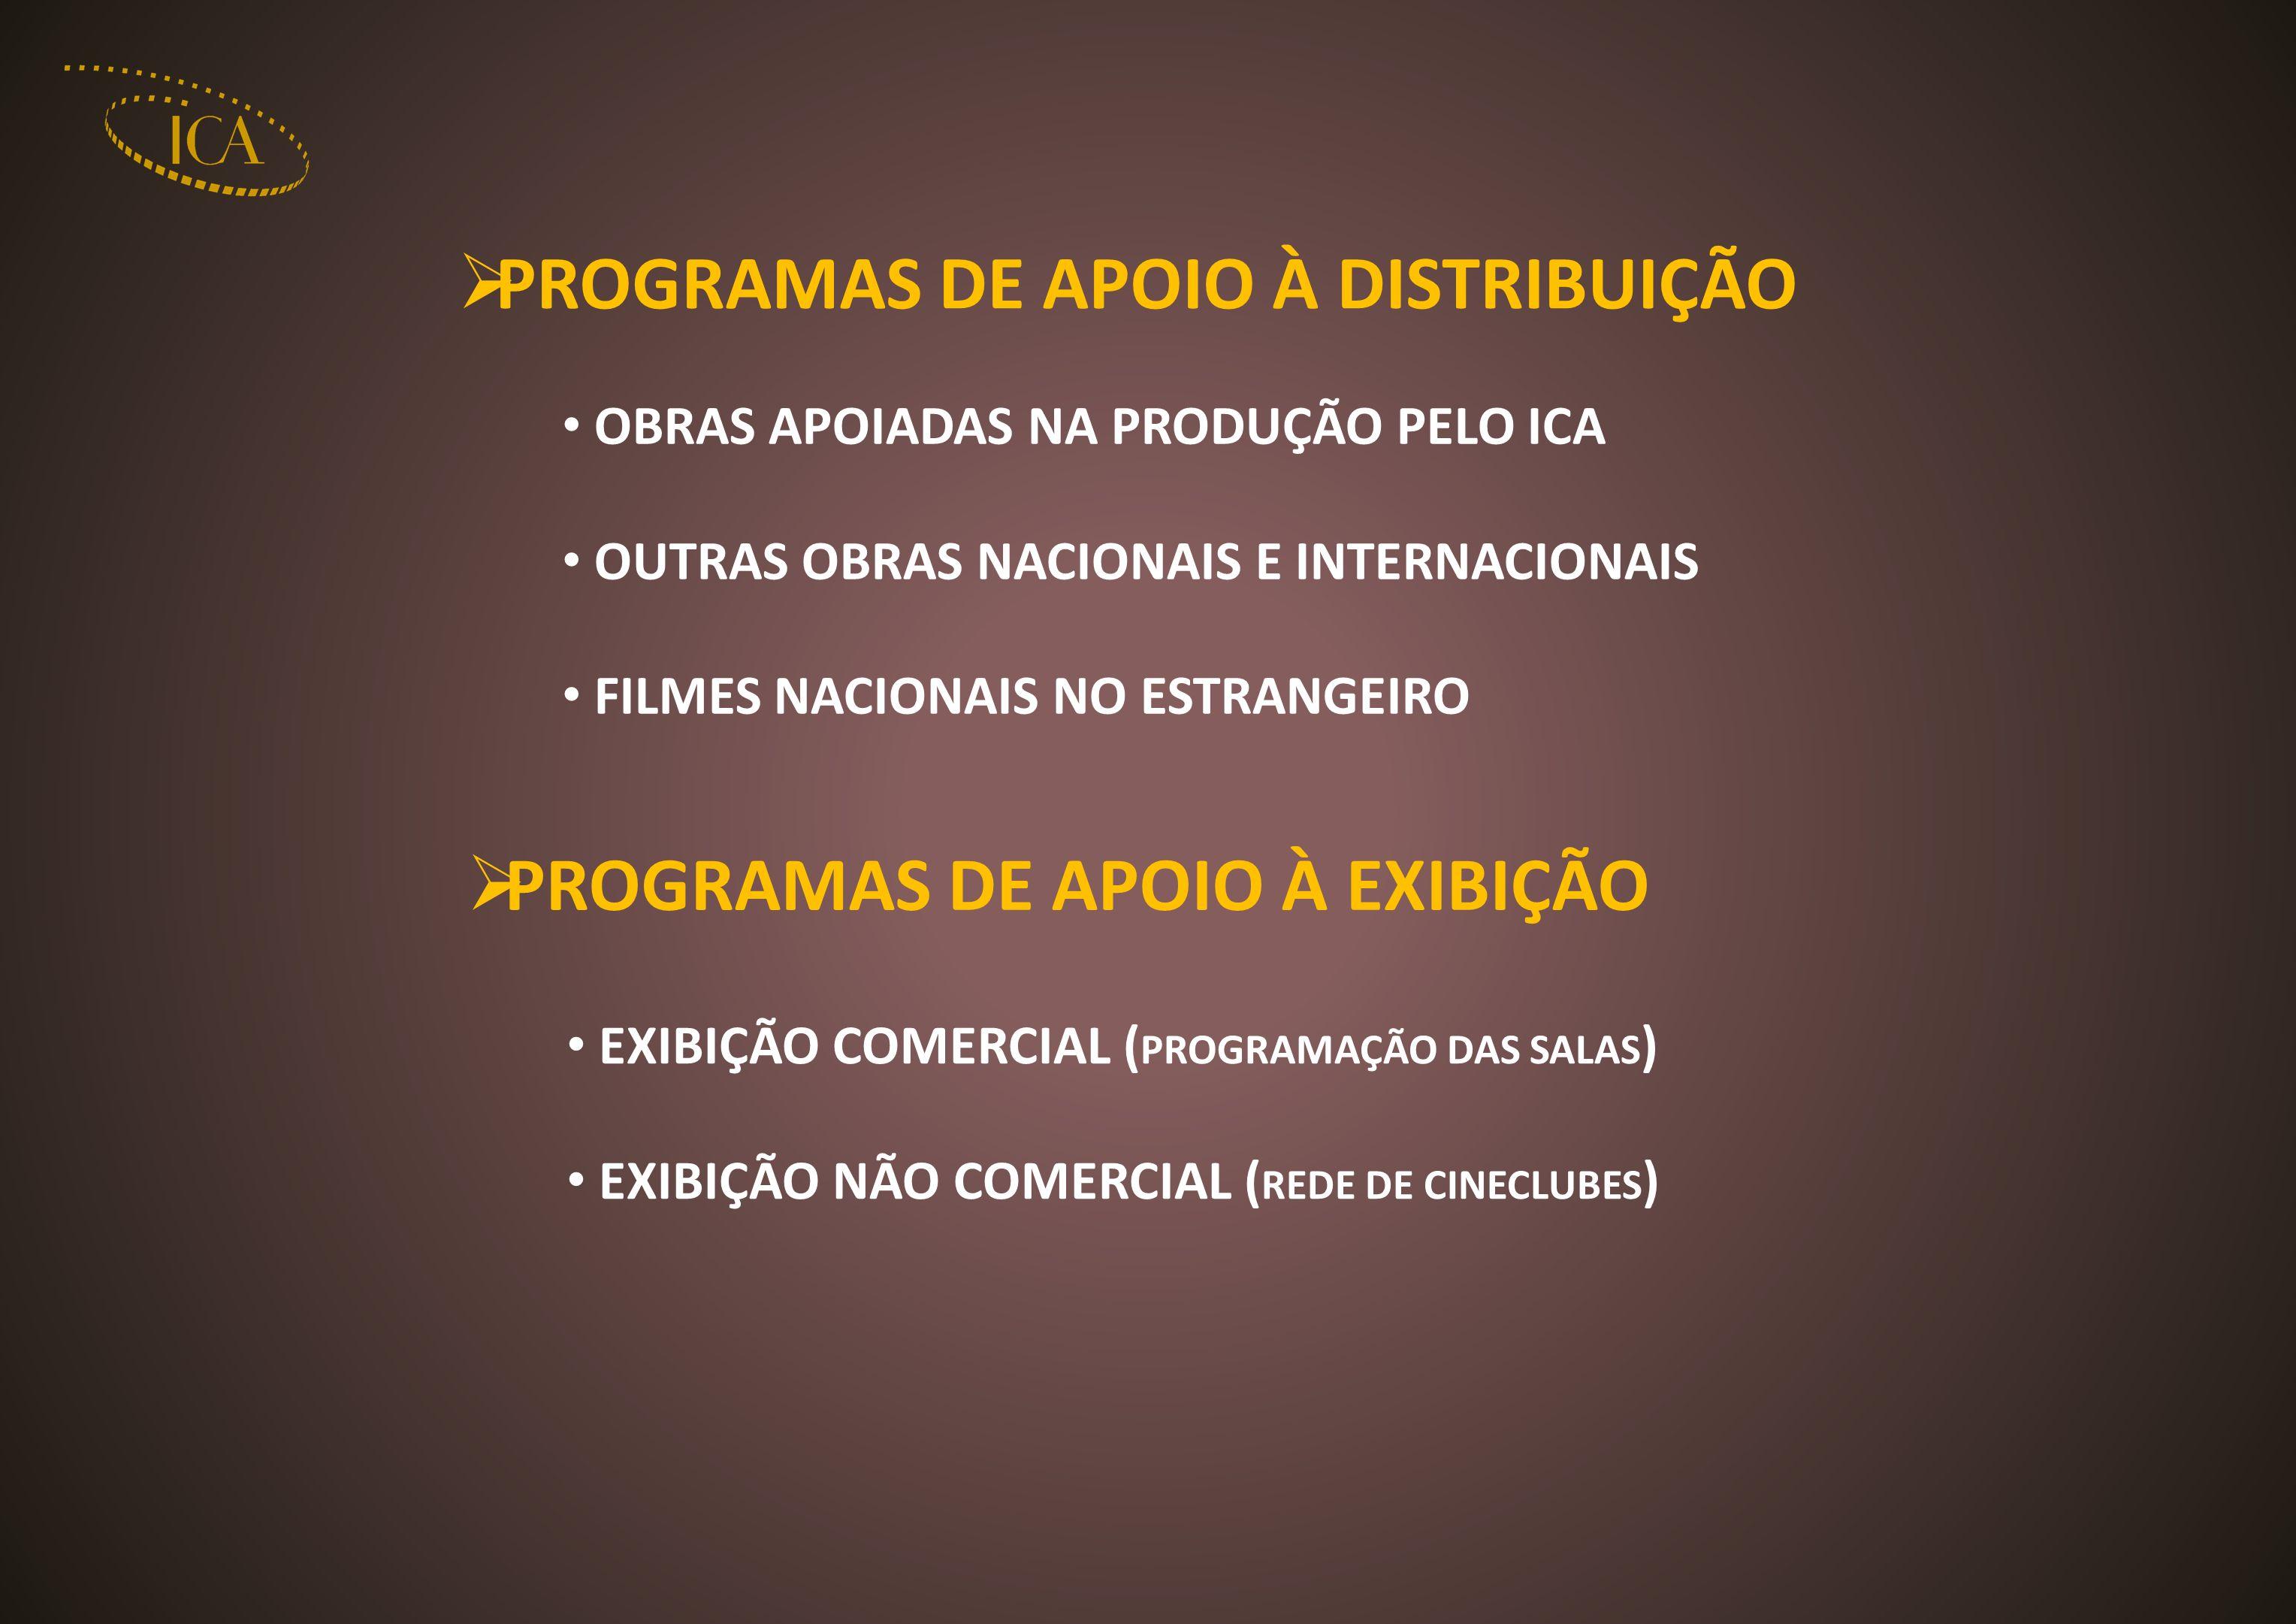 PROGRAMAS DE APOIO À DISTRIBUIÇÃO OBRAS APOIADAS NA PRODUÇÃO PELO ICA OUTRAS OBRAS NACIONAIS E INTERNACIONAIS FILMES NACIONAIS NO ESTRANGEIRO PROGRAMAS DE APOIO À EXIBIÇÃO EXIBIÇÃO COMERCIAL ( PROGRAMAÇÃO DAS SALAS ) EXIBIÇÃO NÃO COMERCIAL ( REDE DE CINECLUBES )